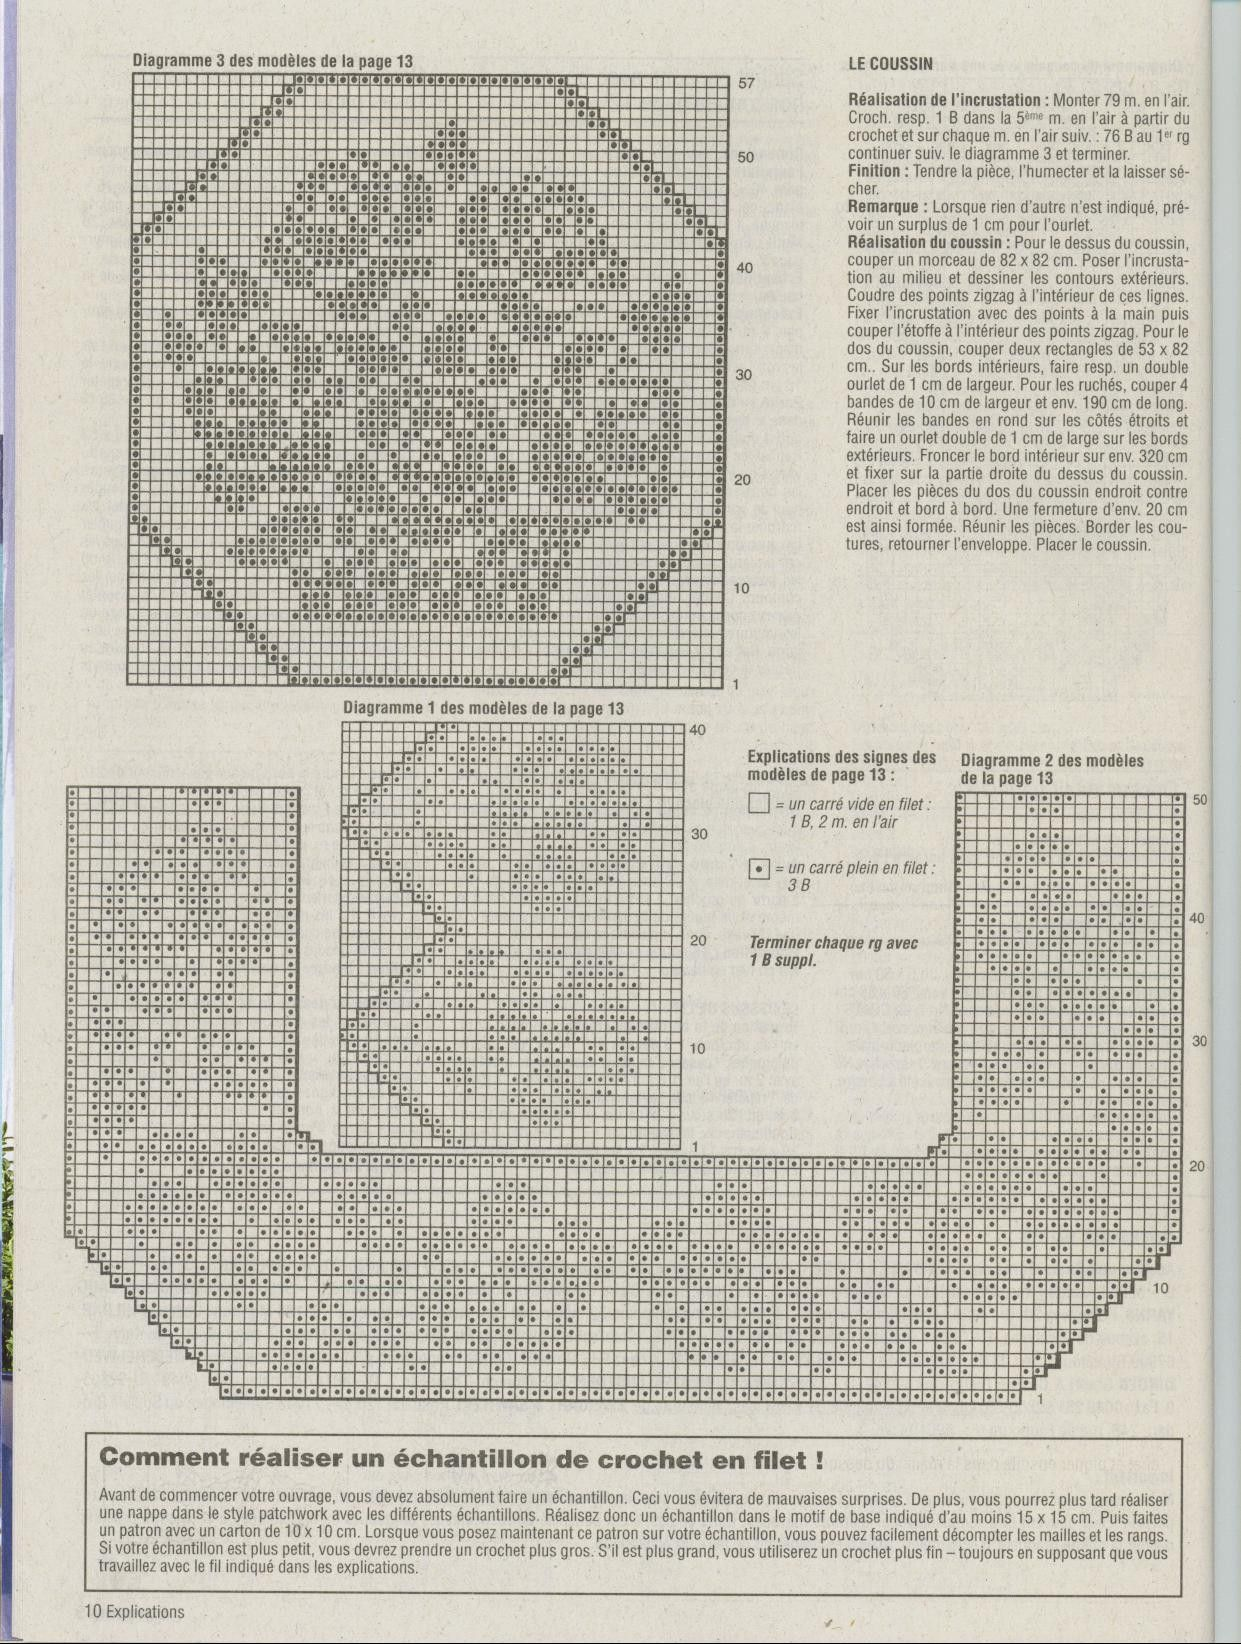 Pin de Anna Matusiak en Filet Crochet | Pinterest | Canastilla ...